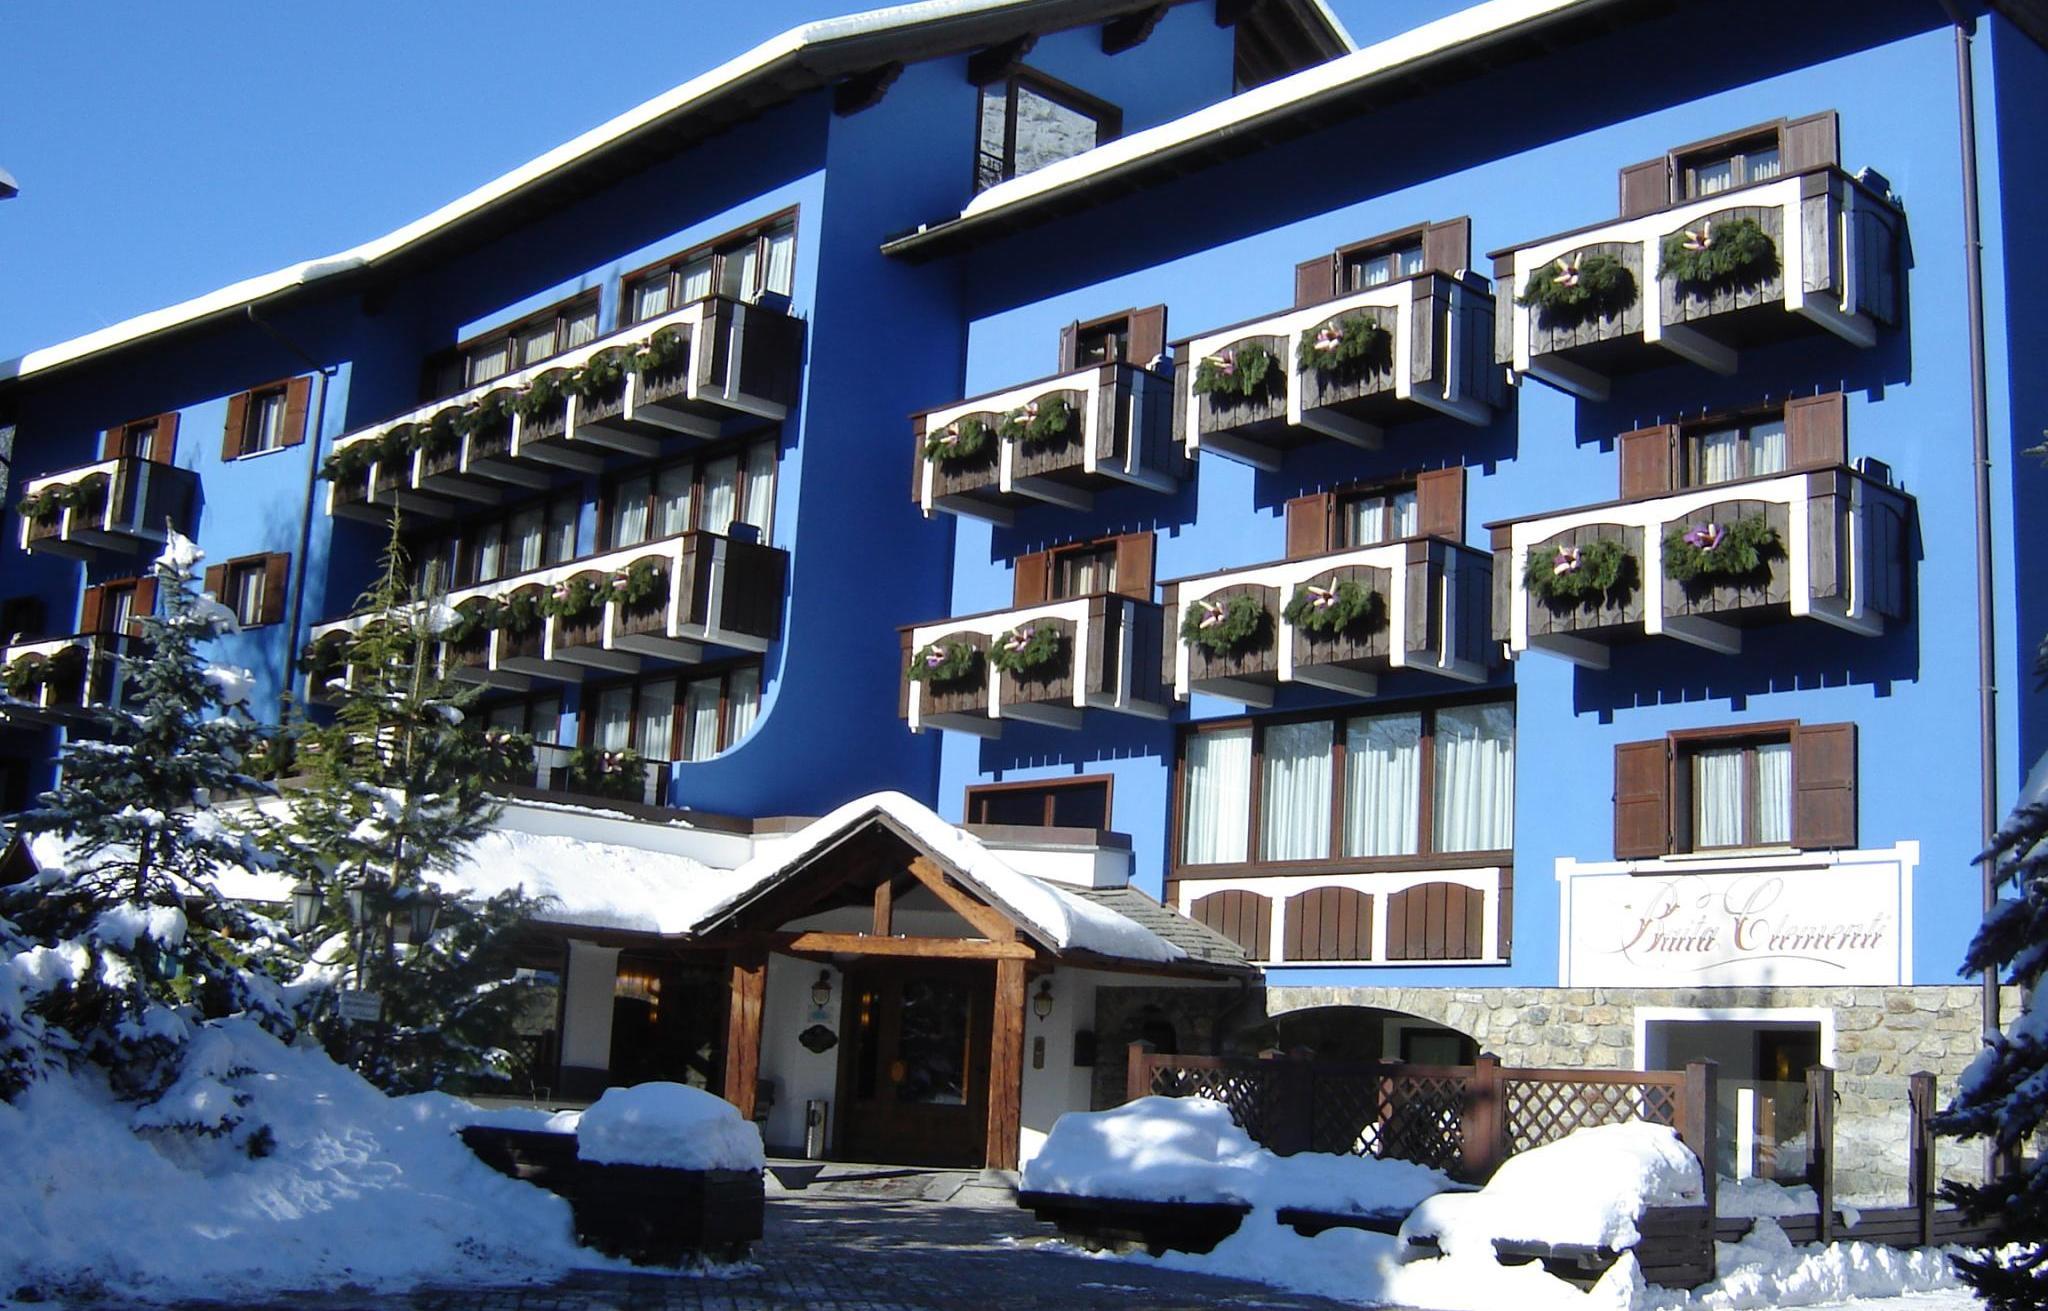 Hotel Baita Clementi